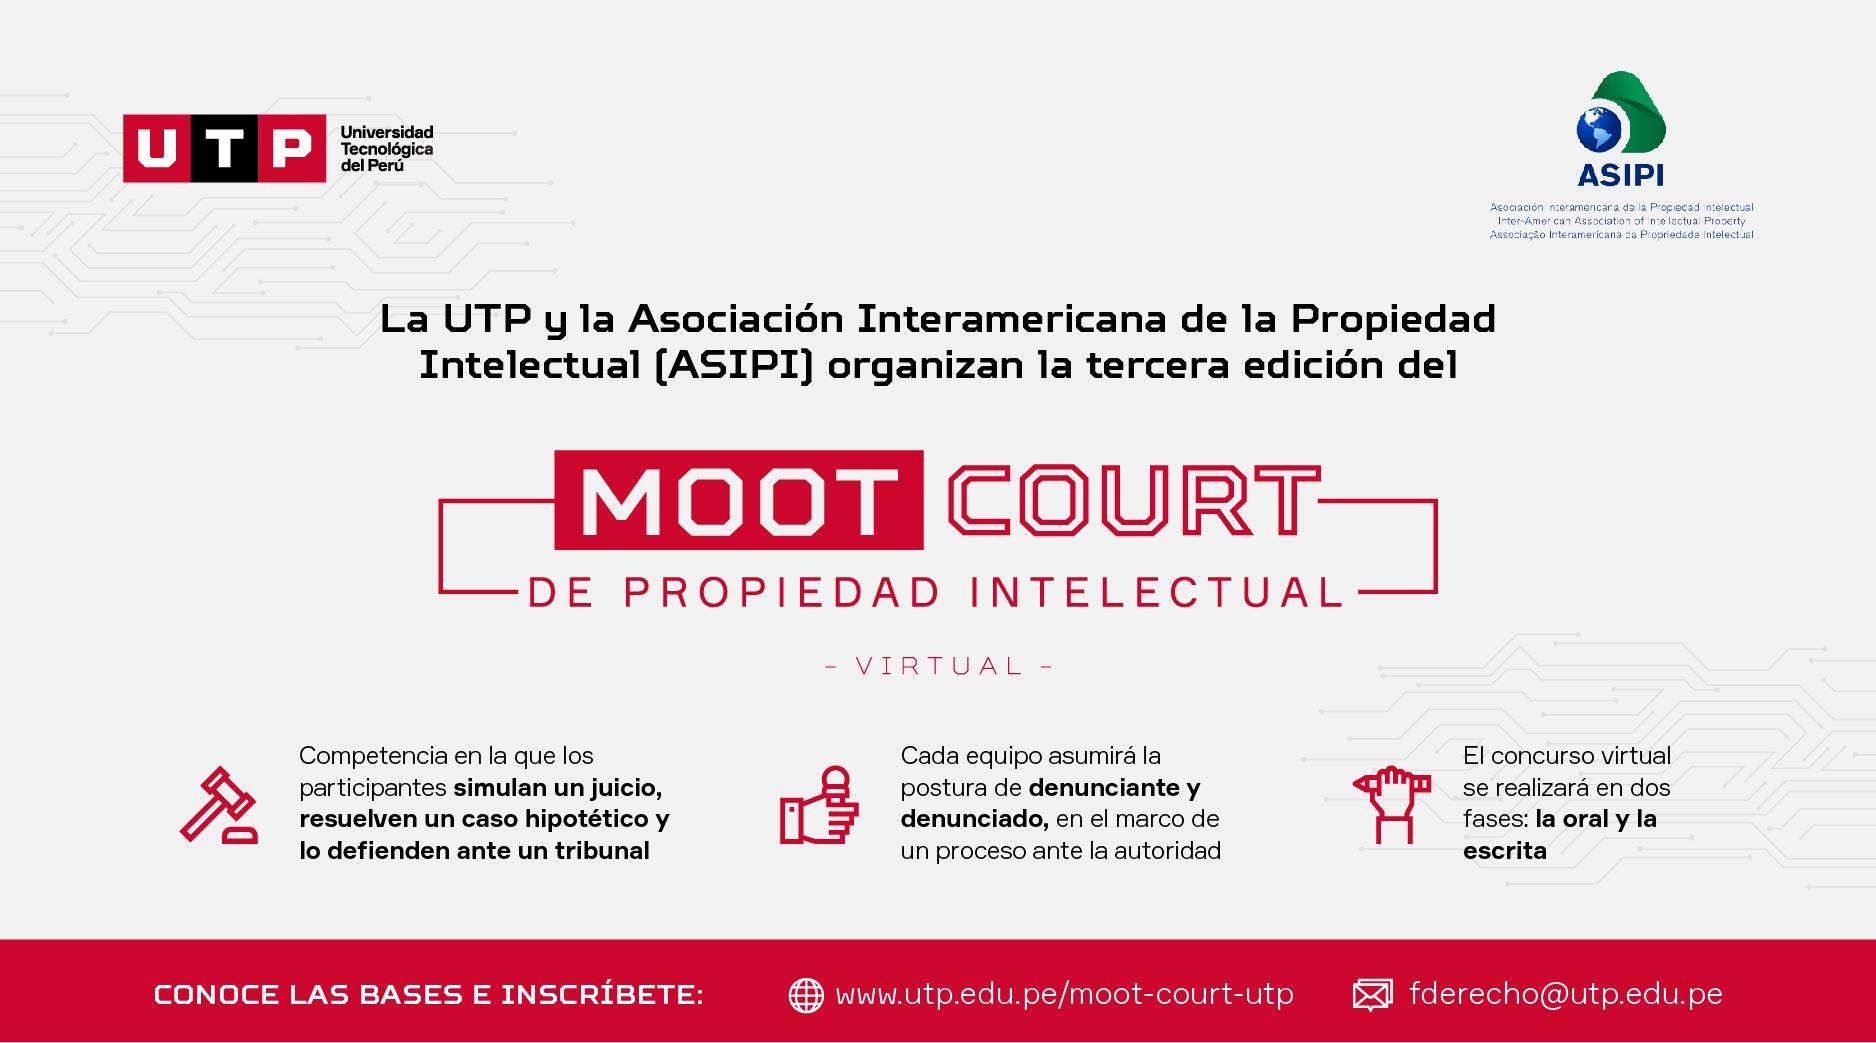 UTP y ASIPI organizan la tercera edición del Moot Court de Propiedad Intelectual